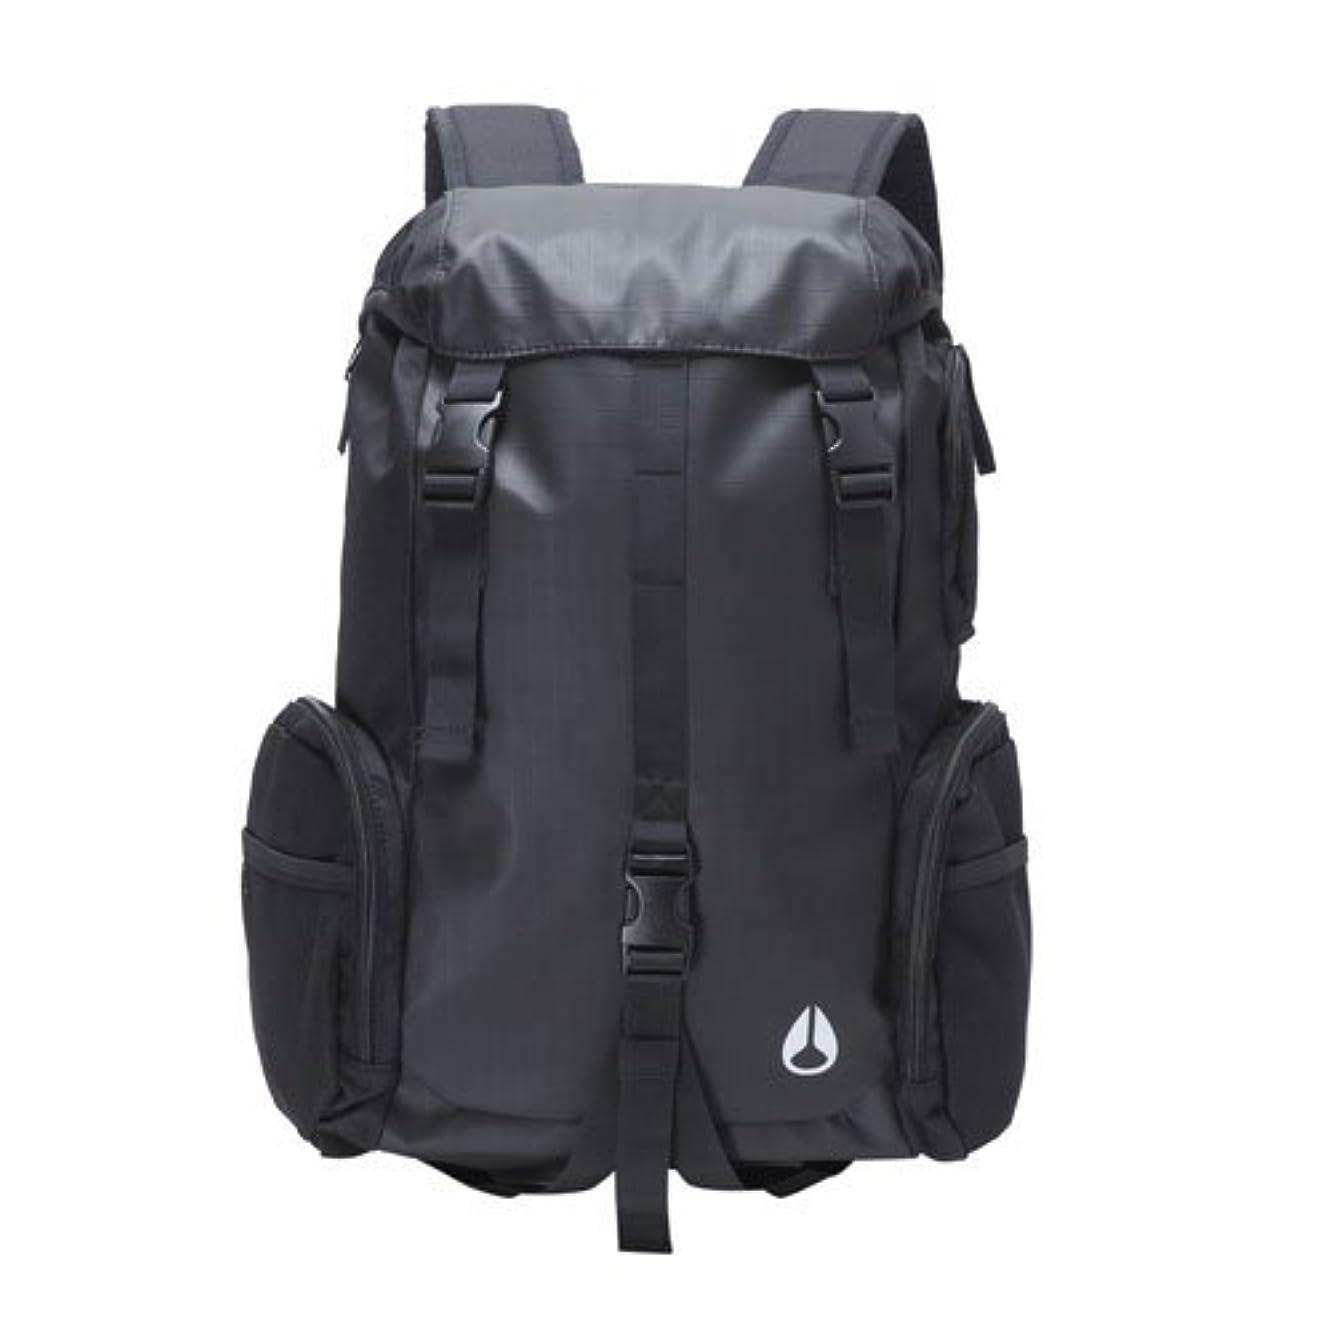 一時停止旅終わった[ニクソン] NIXON 正規品 バッグ Waterlock Backpack II BLACK NC1952000-00 (コード:4035573513-1)